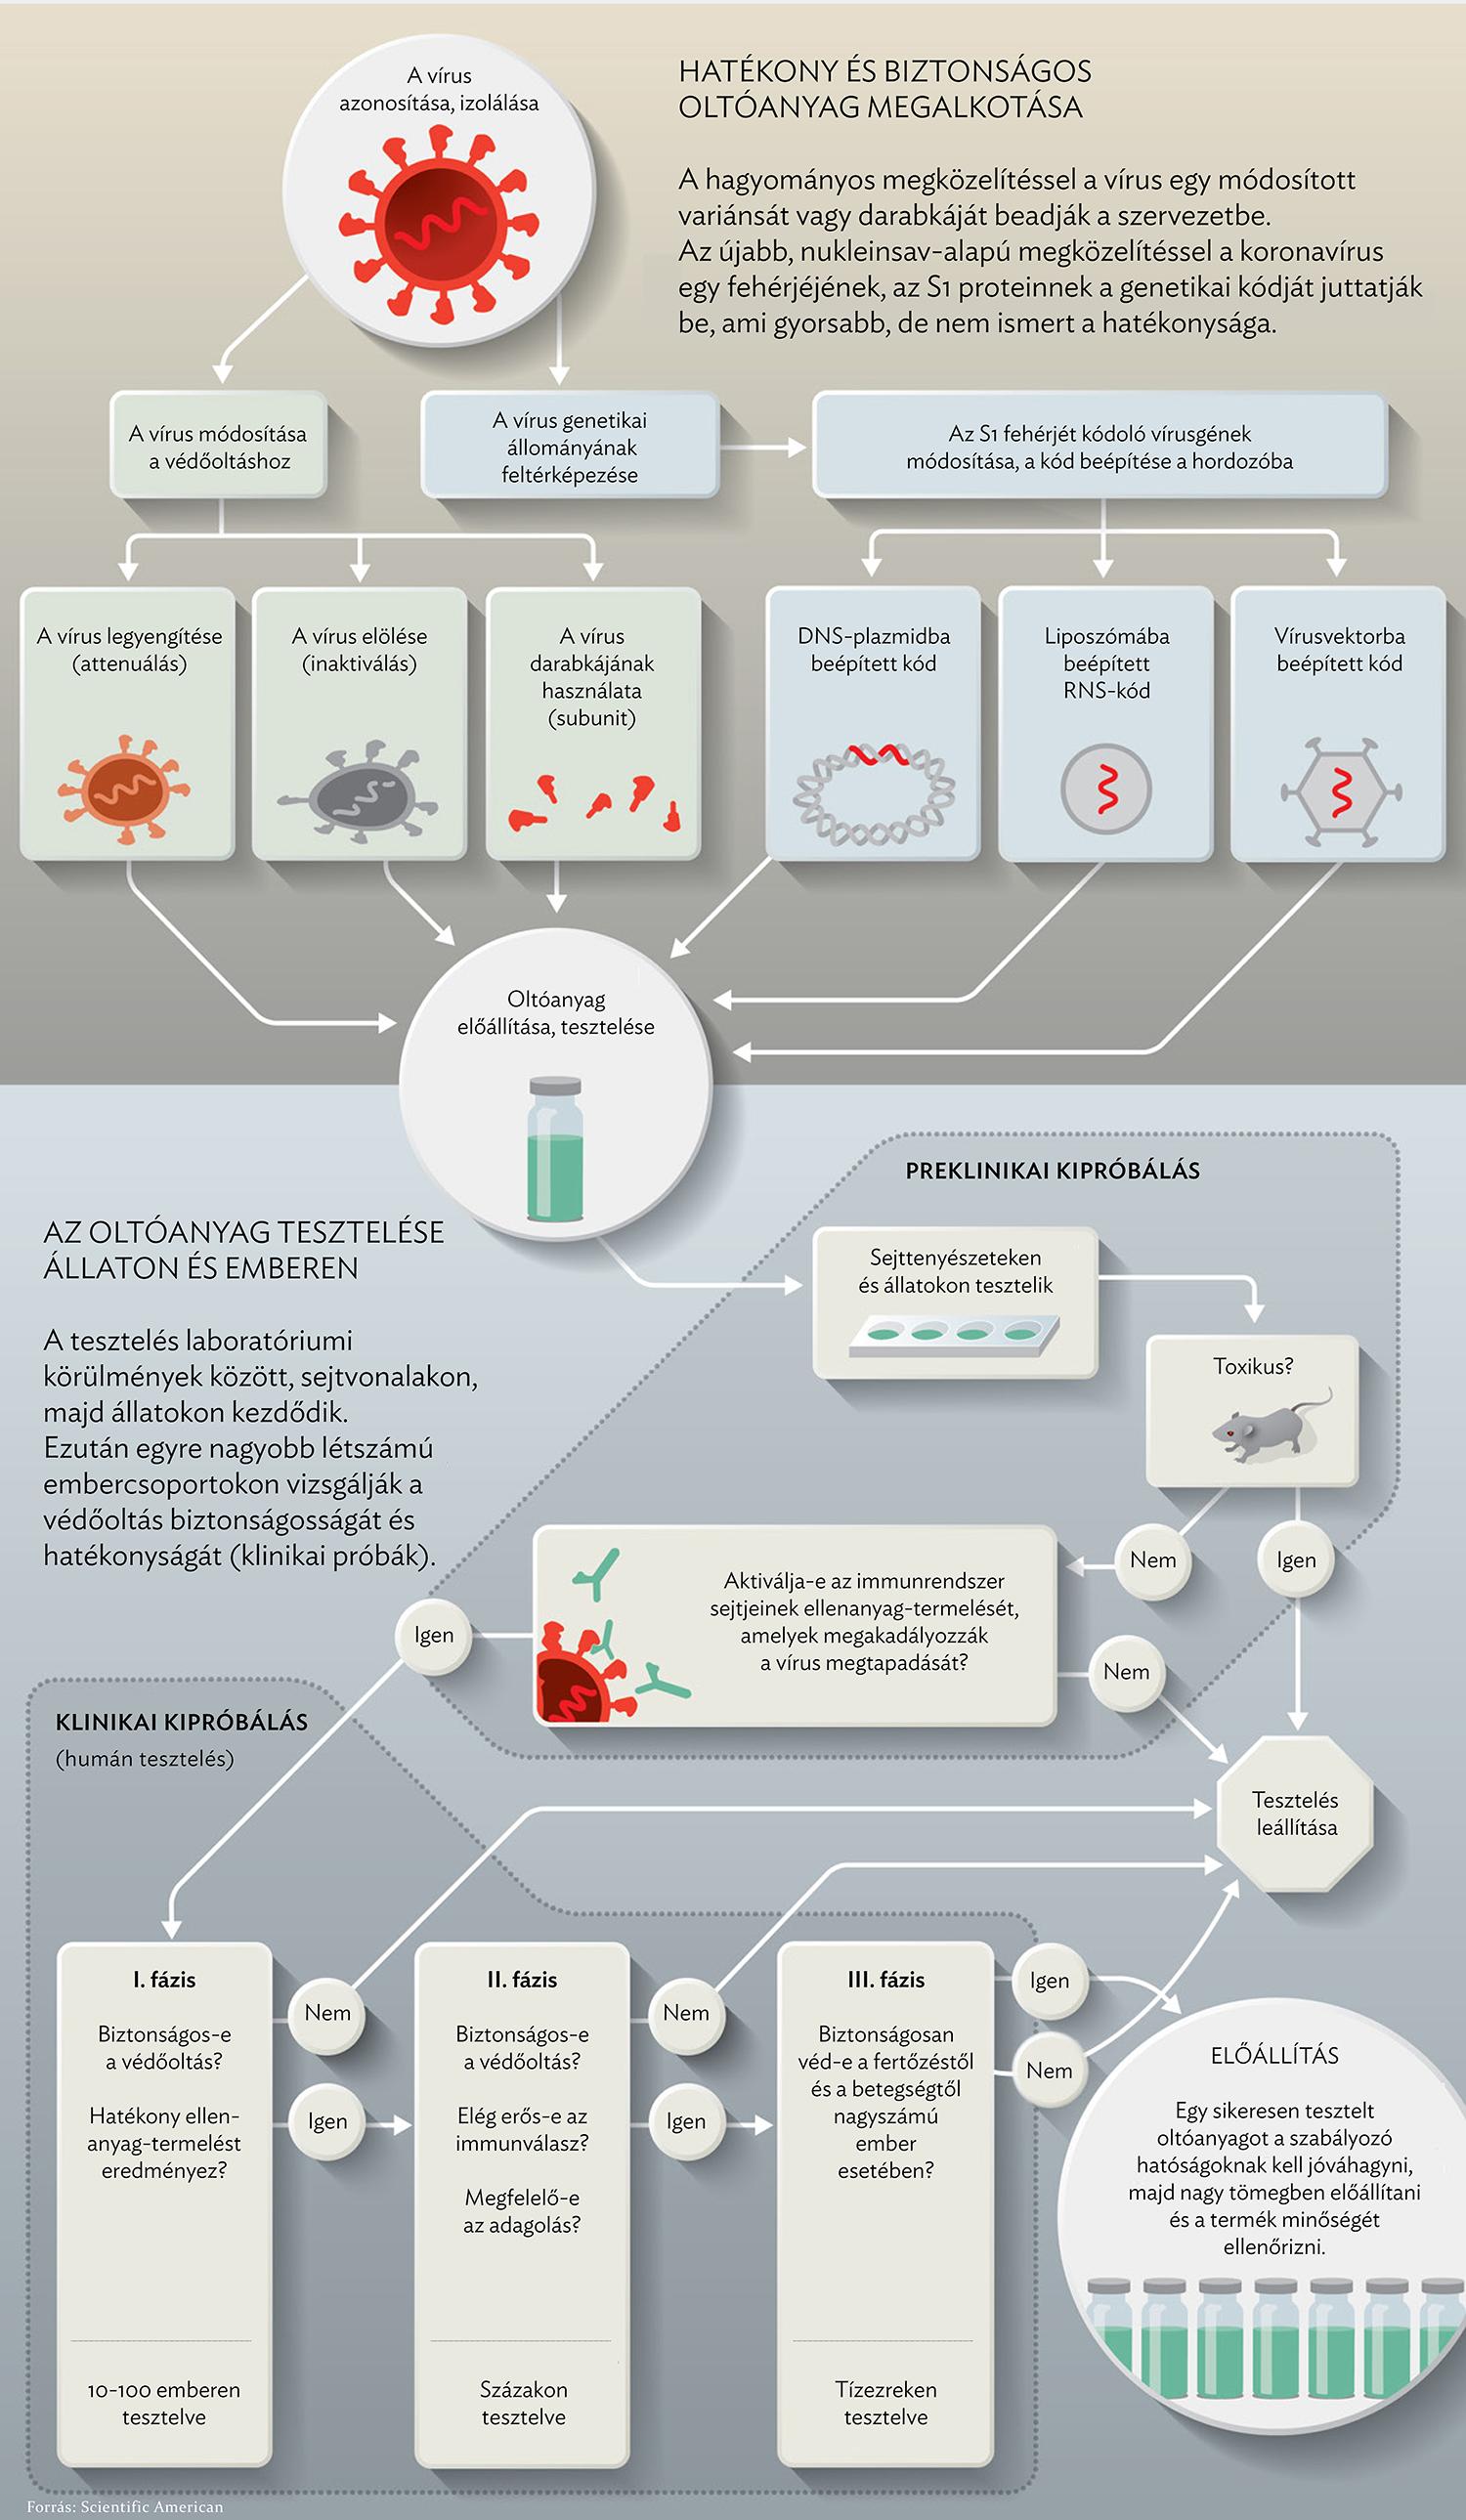 A koronavírus elleni védőoltás fejlesztésének irányai | National Geographic